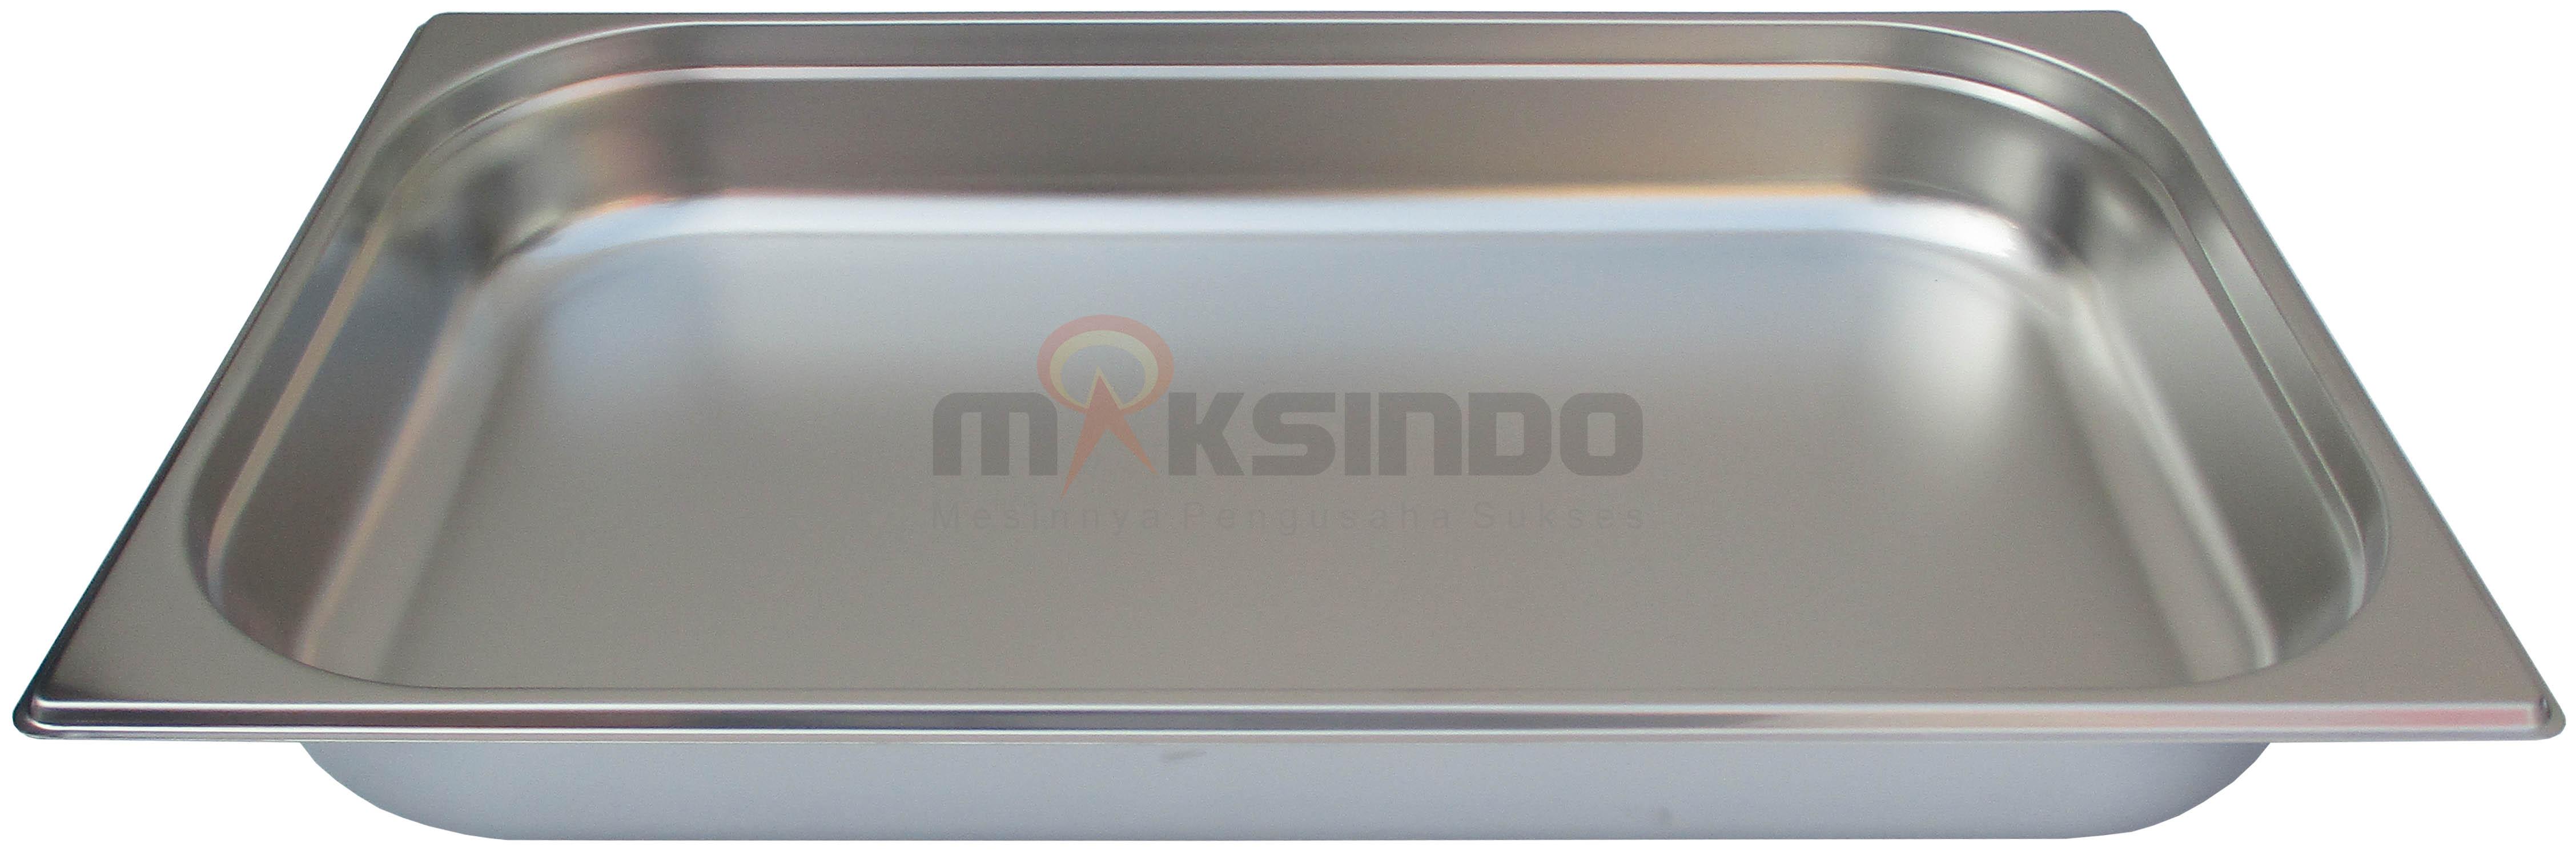 Jual Loyang Stainless Steel Type Pan1/1×65 di Bekasi